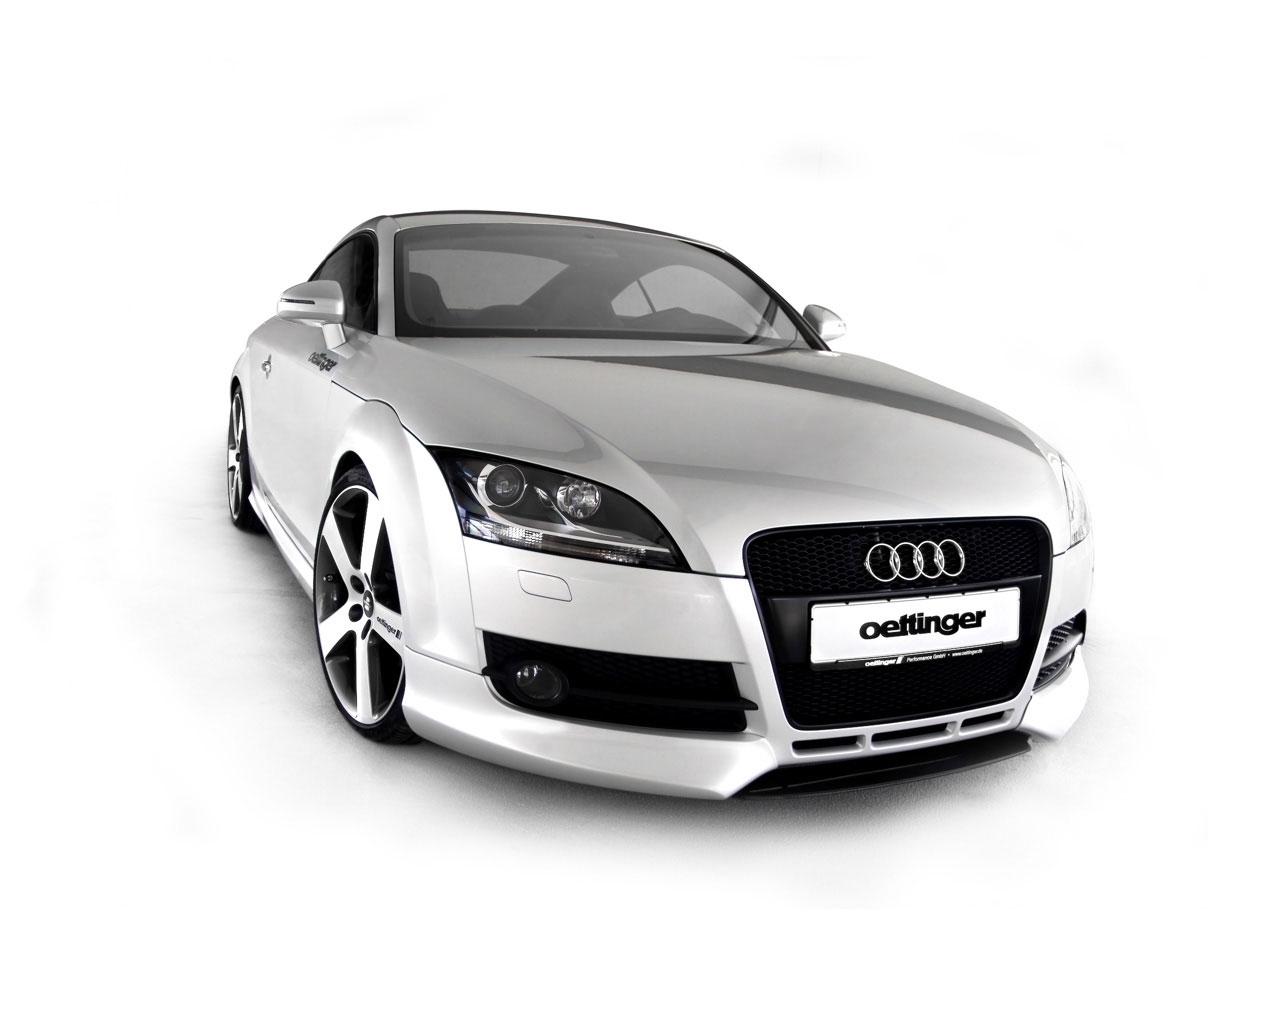 3201 скачать обои Транспорт, Машины, Ауди (Audi) - заставки и картинки бесплатно